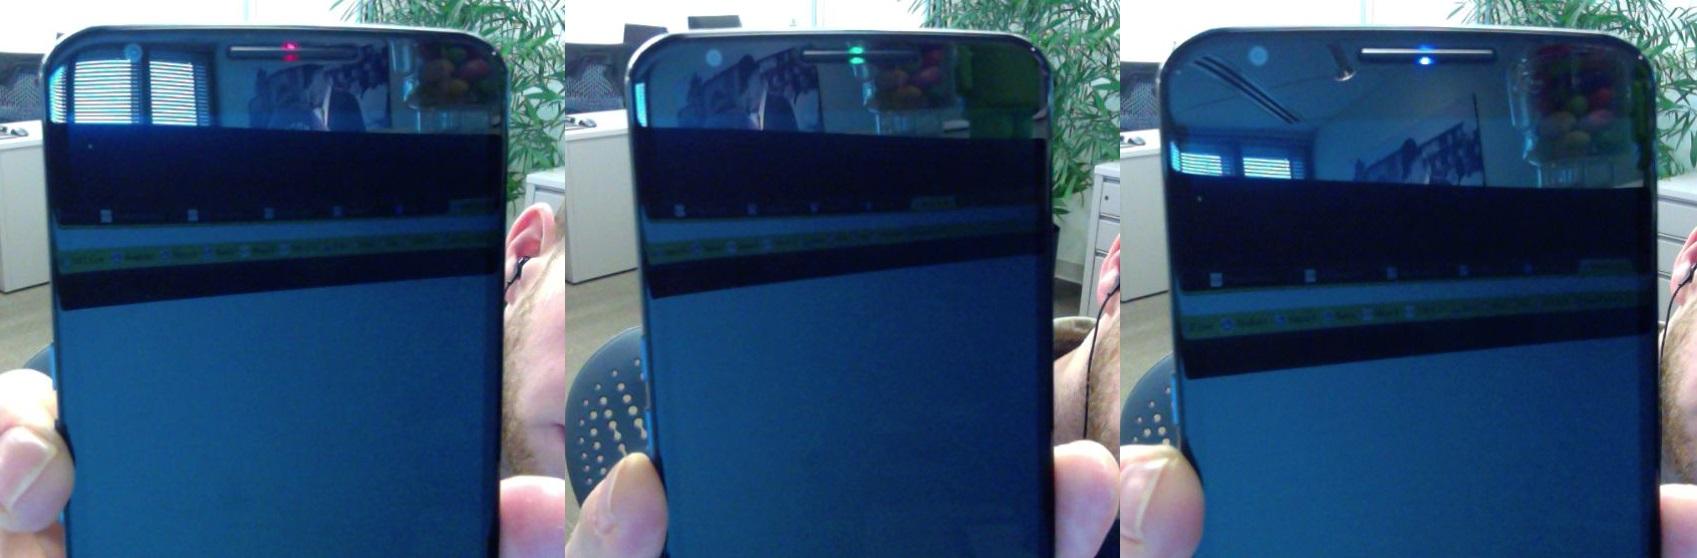 Nexus 6 e sua luz LED em três cores